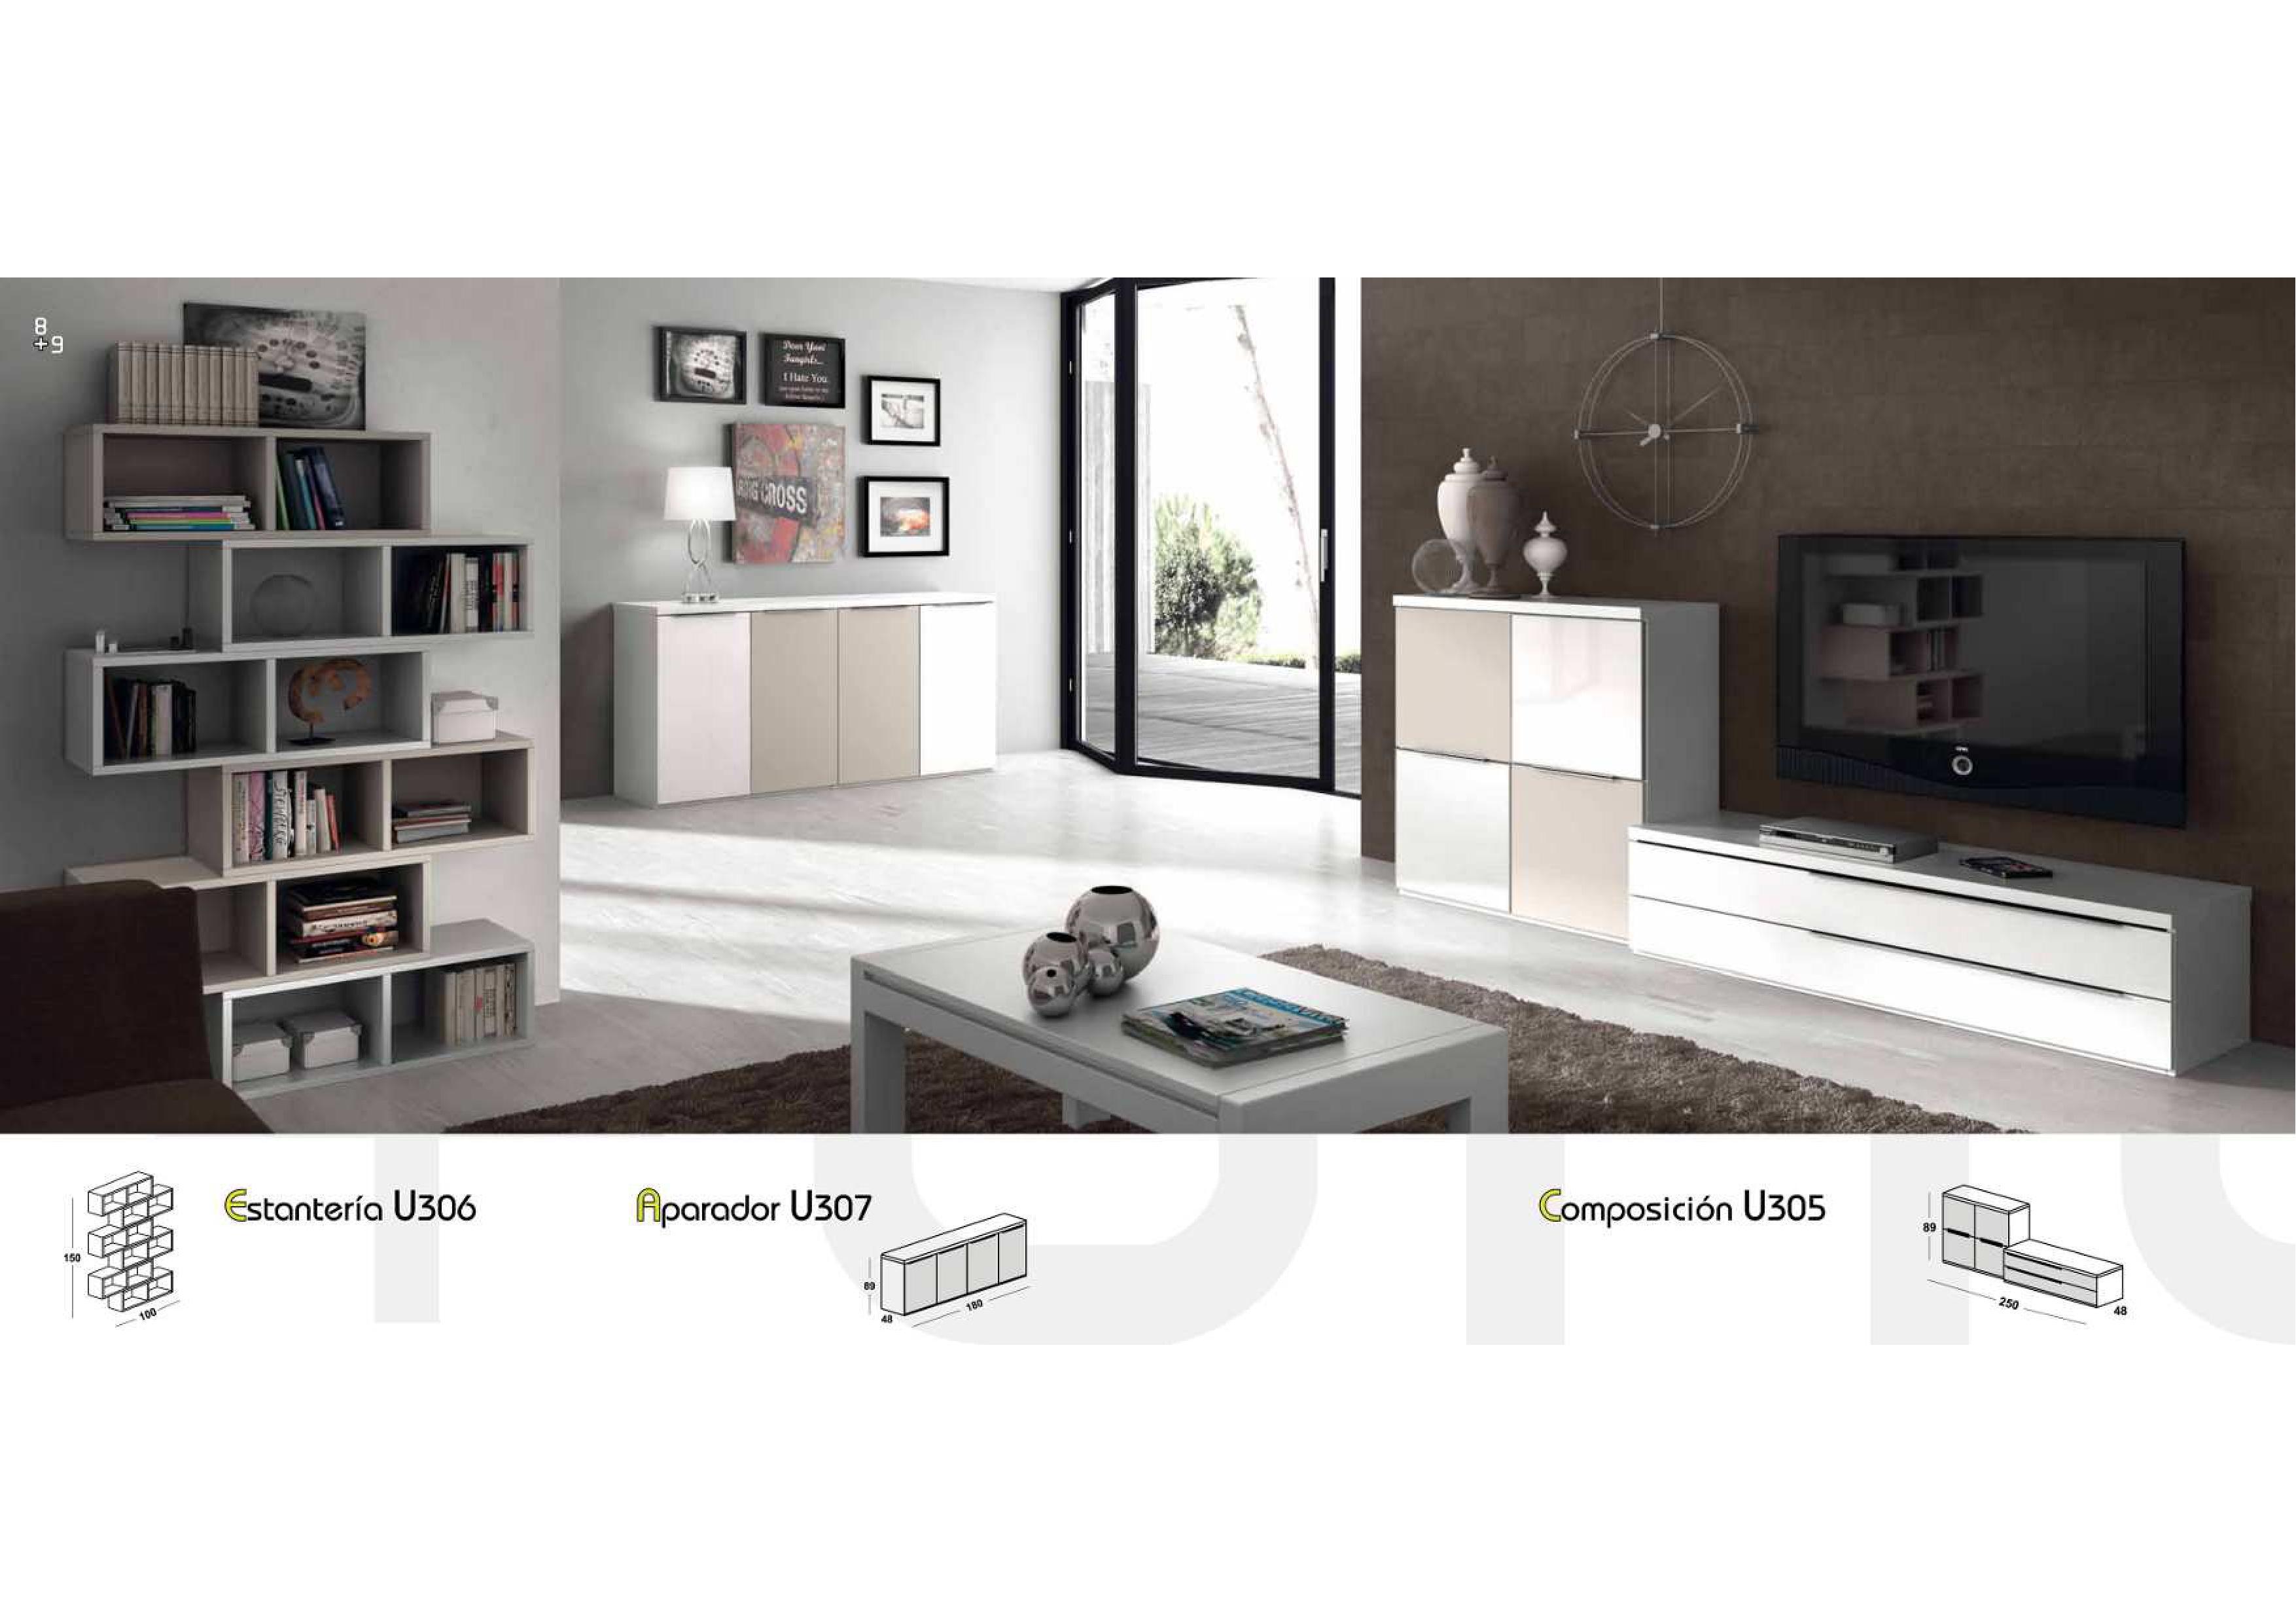 Salones y comedores modernos salcedo muebles for Salones modernos precios